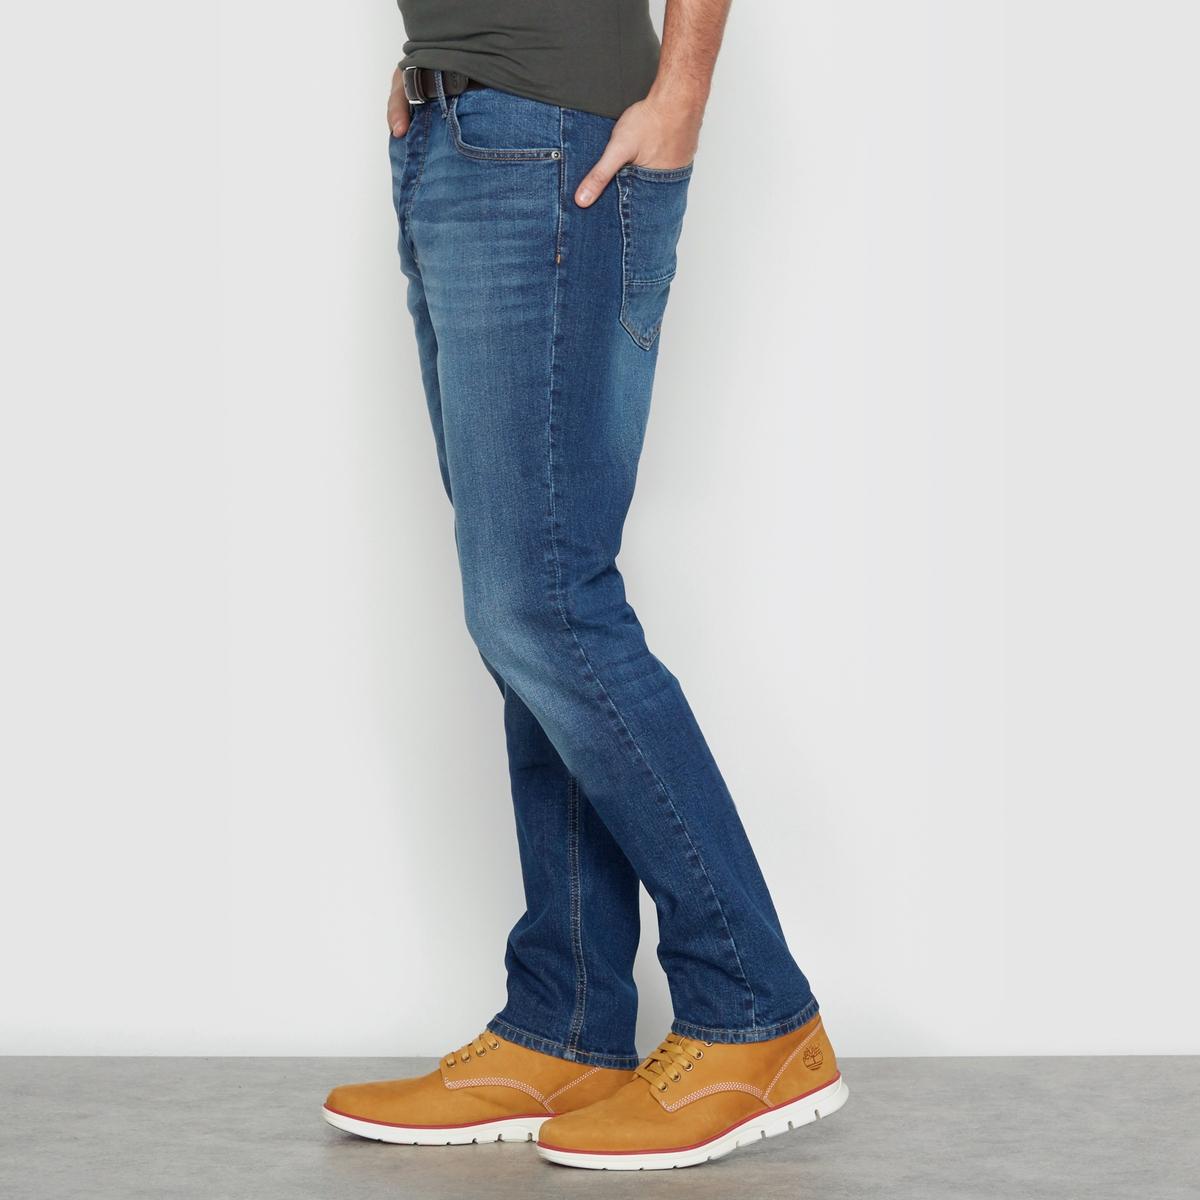 Джинсы скинниДжинсы скинни зауженного покроя, 5 карманов . Застежка на молнию и пуговицу. Деним 98% хлопка, 2%  эластана .<br><br>Цвет: голубой